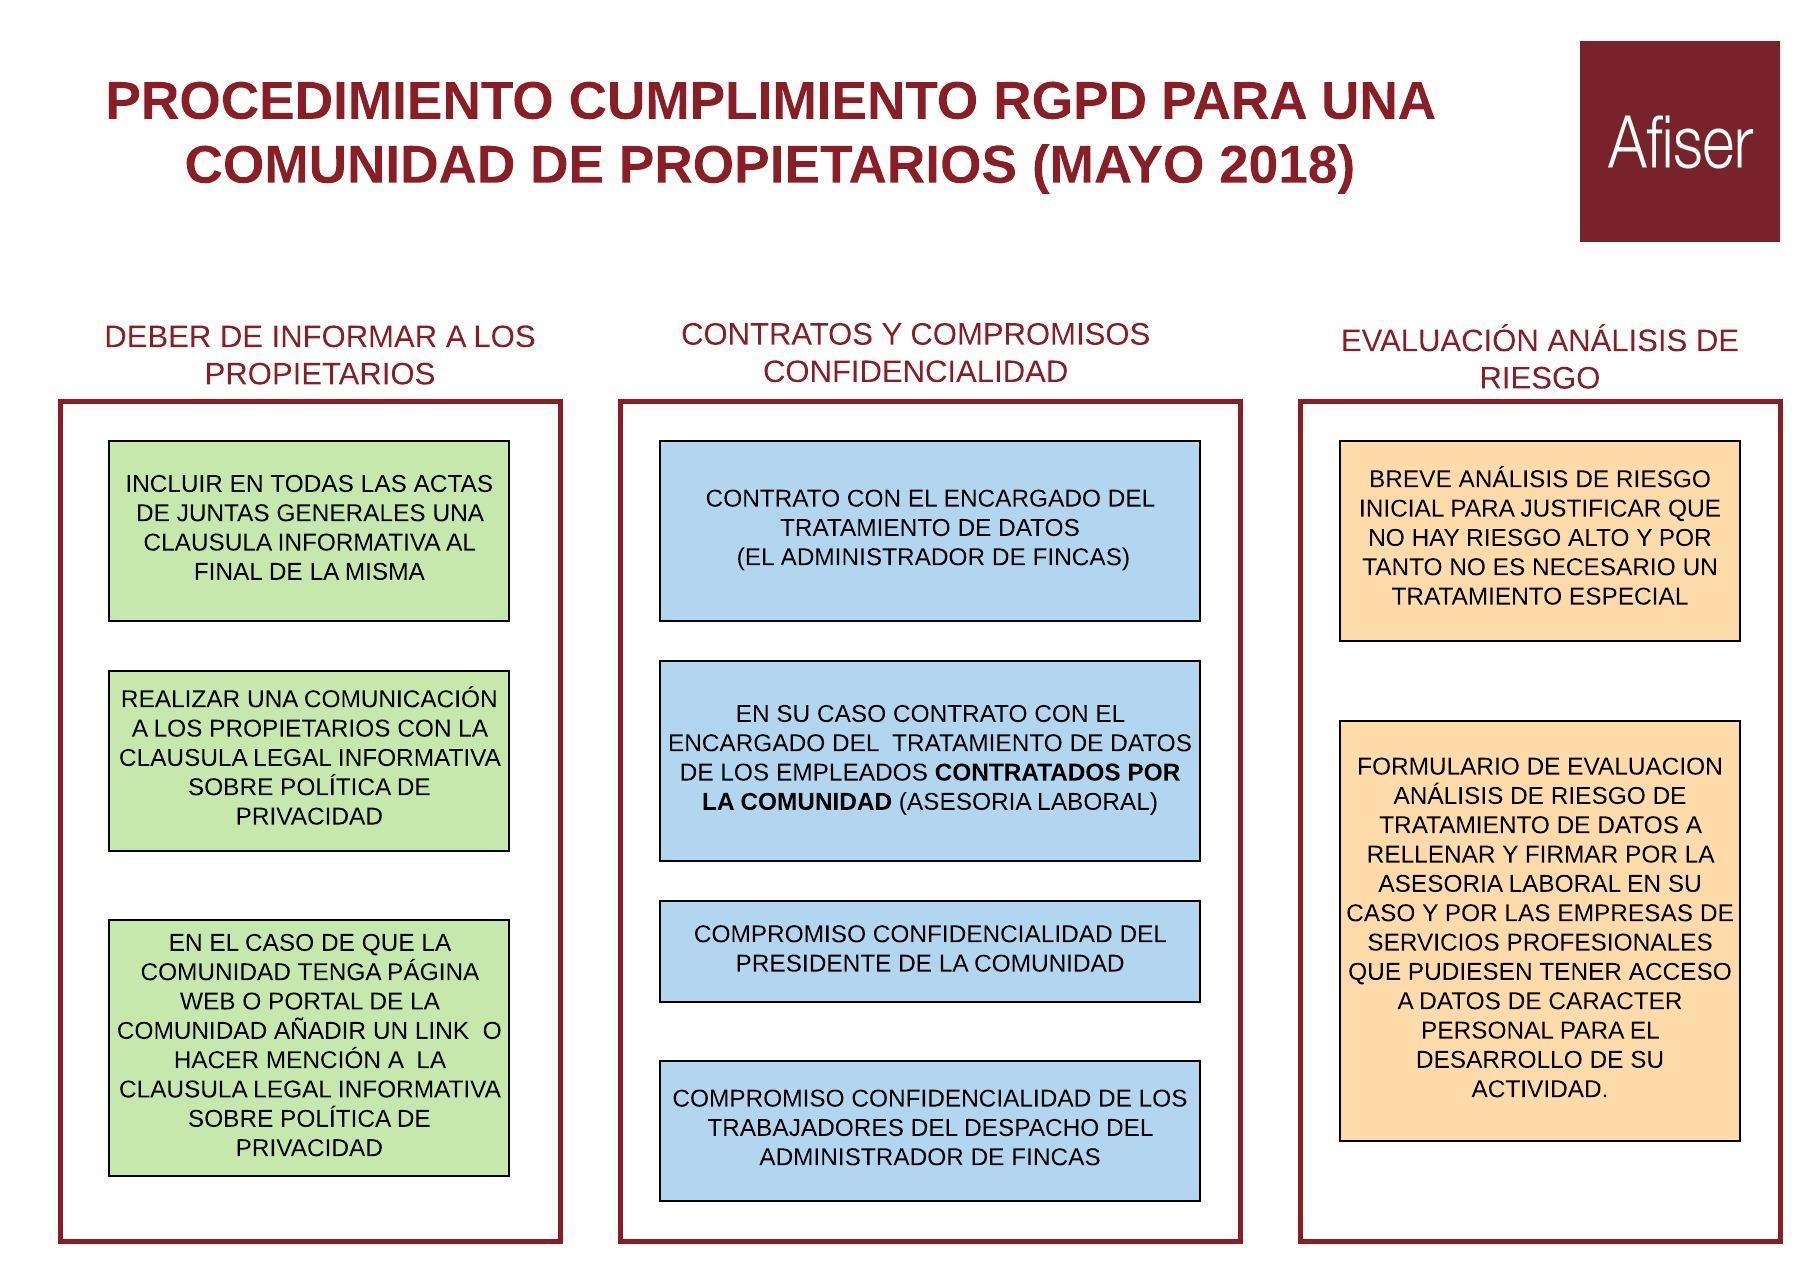 PROCEDIMIENTO RGPD COMUNIDAD DE PROPIETARIOS - Blog